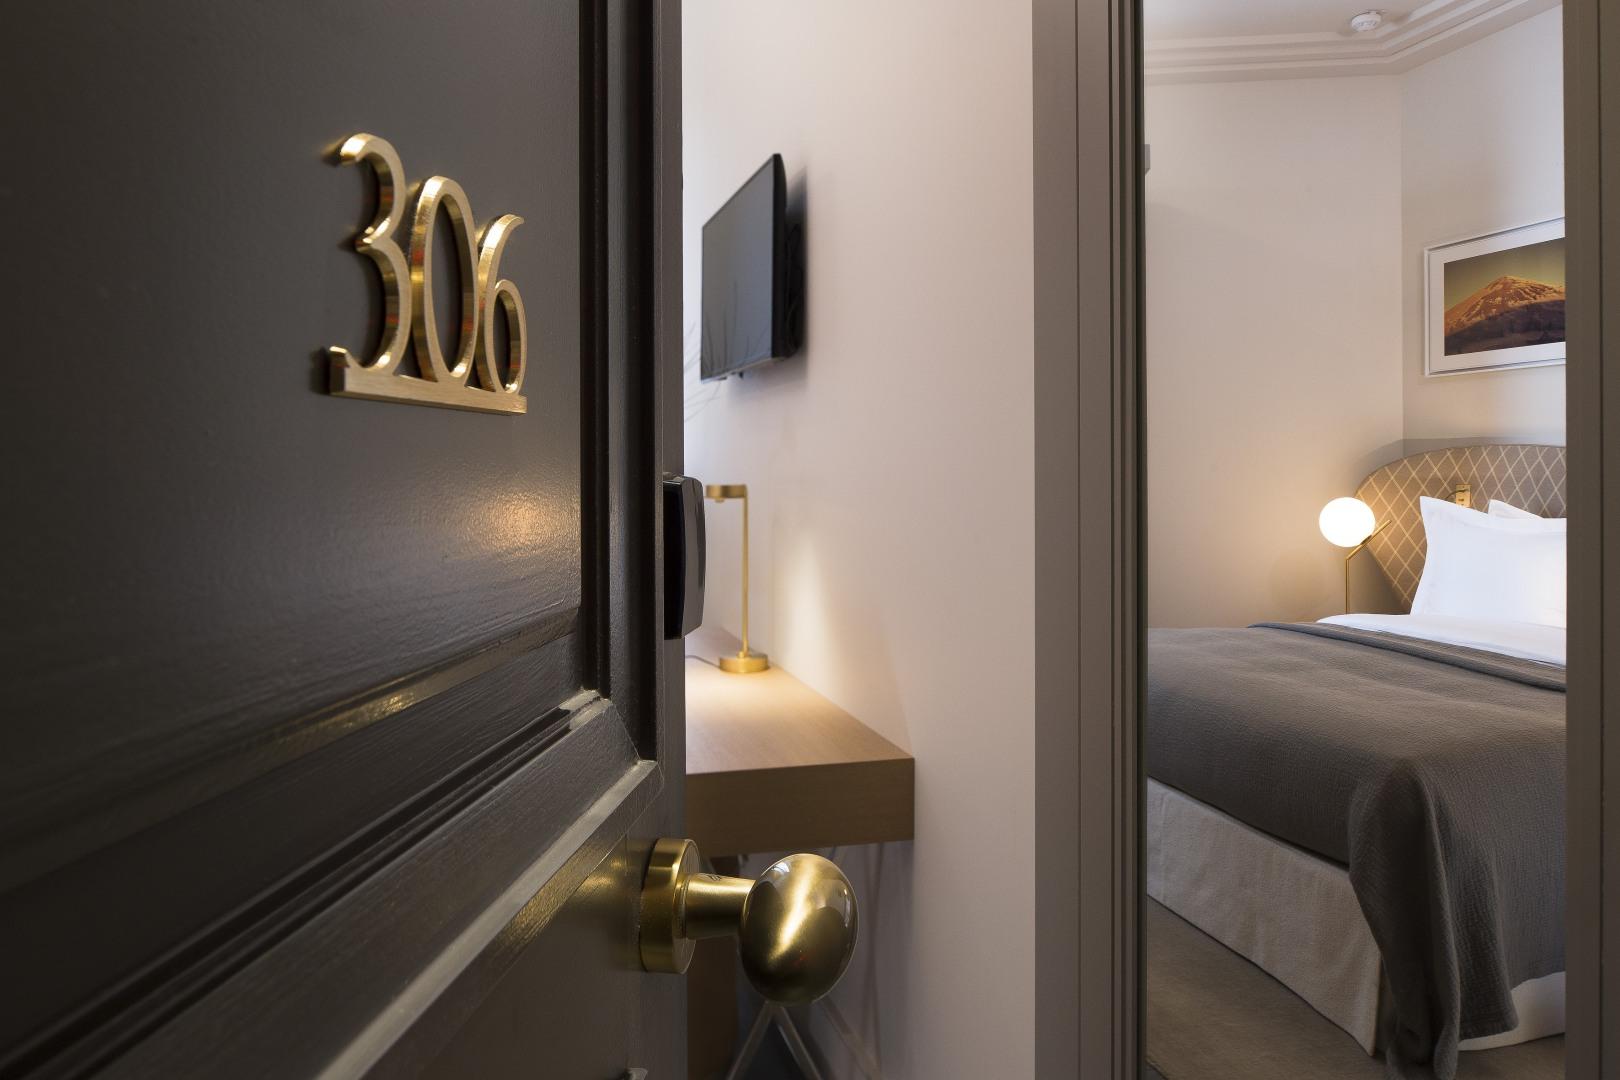 le marianne sur h tel paris. Black Bedroom Furniture Sets. Home Design Ideas